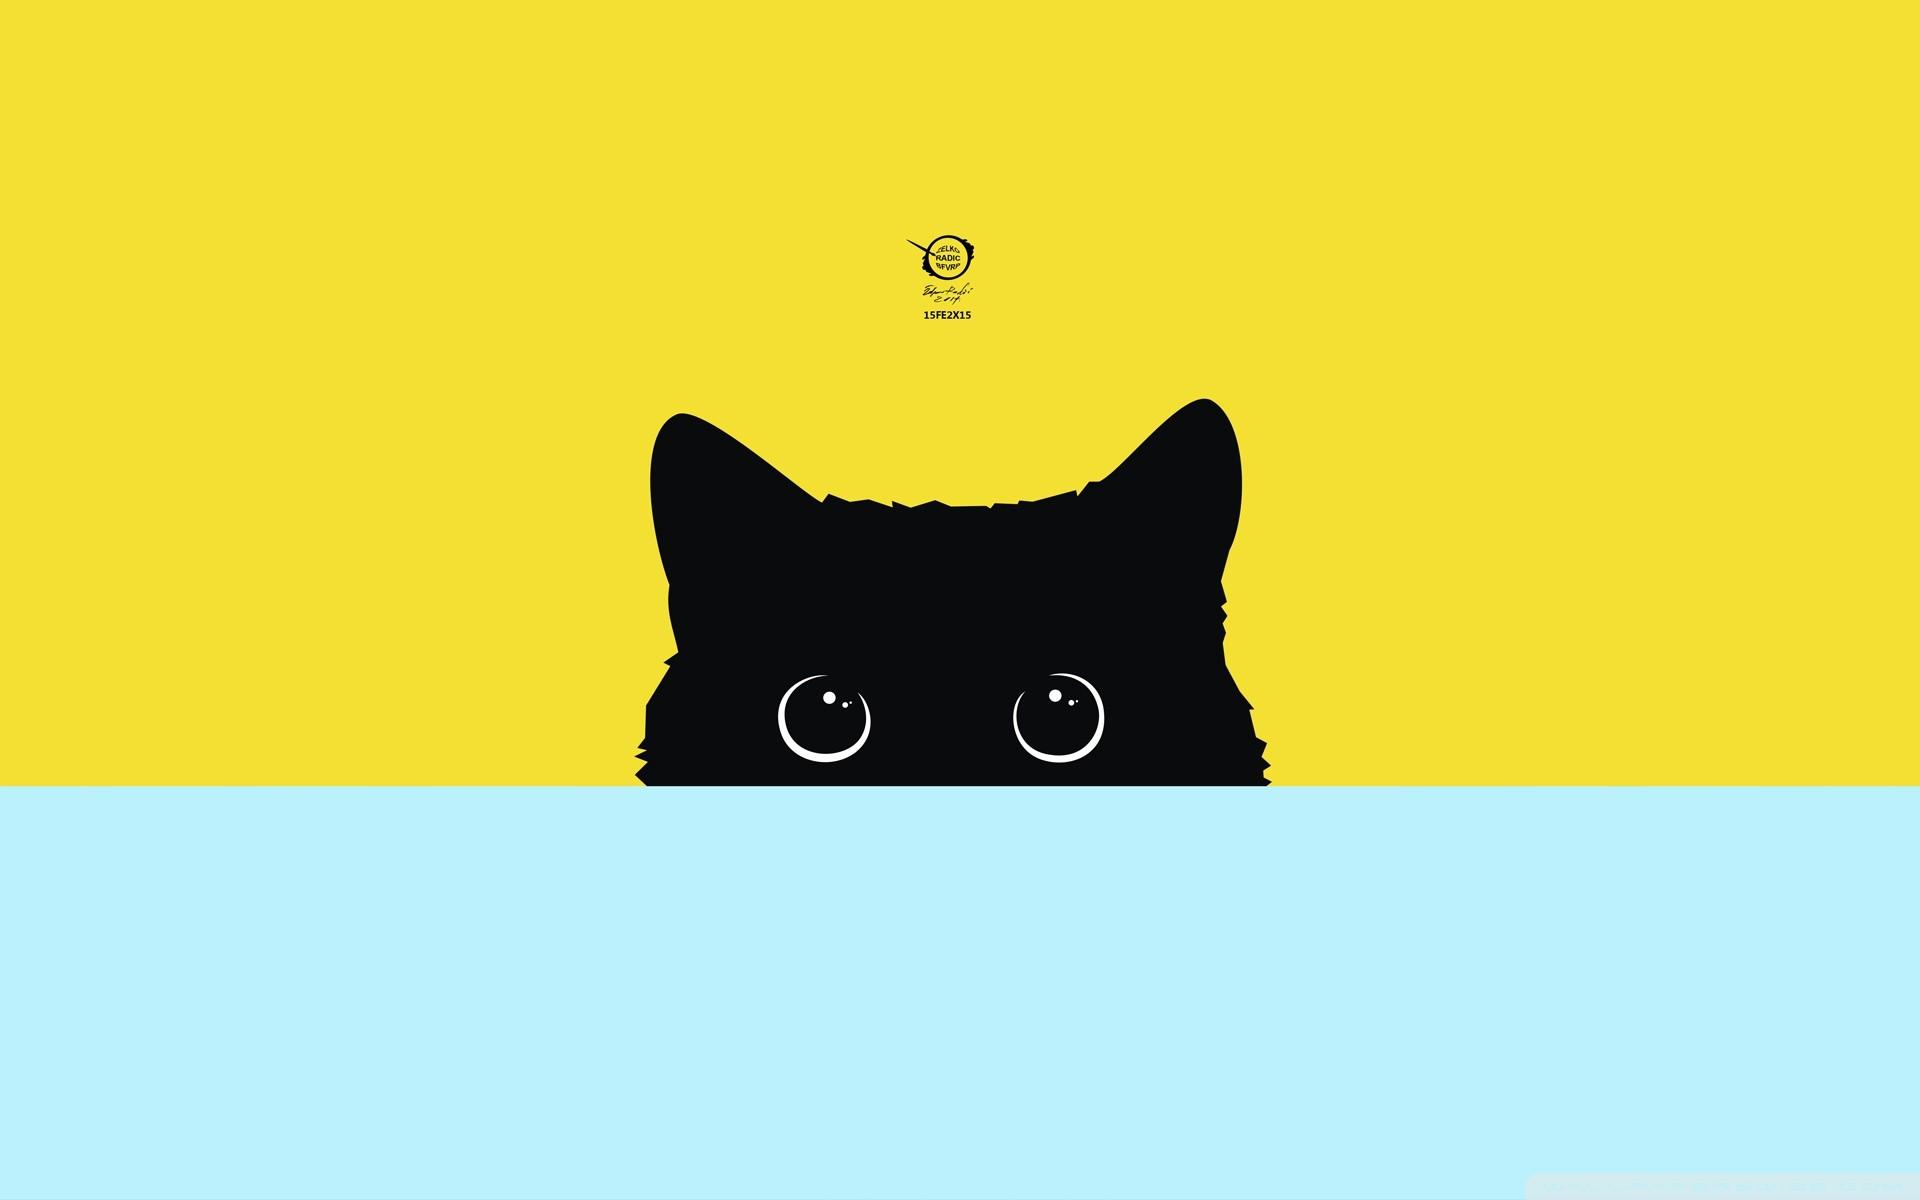 Hình nền dễ thương chú mèo lấp ló